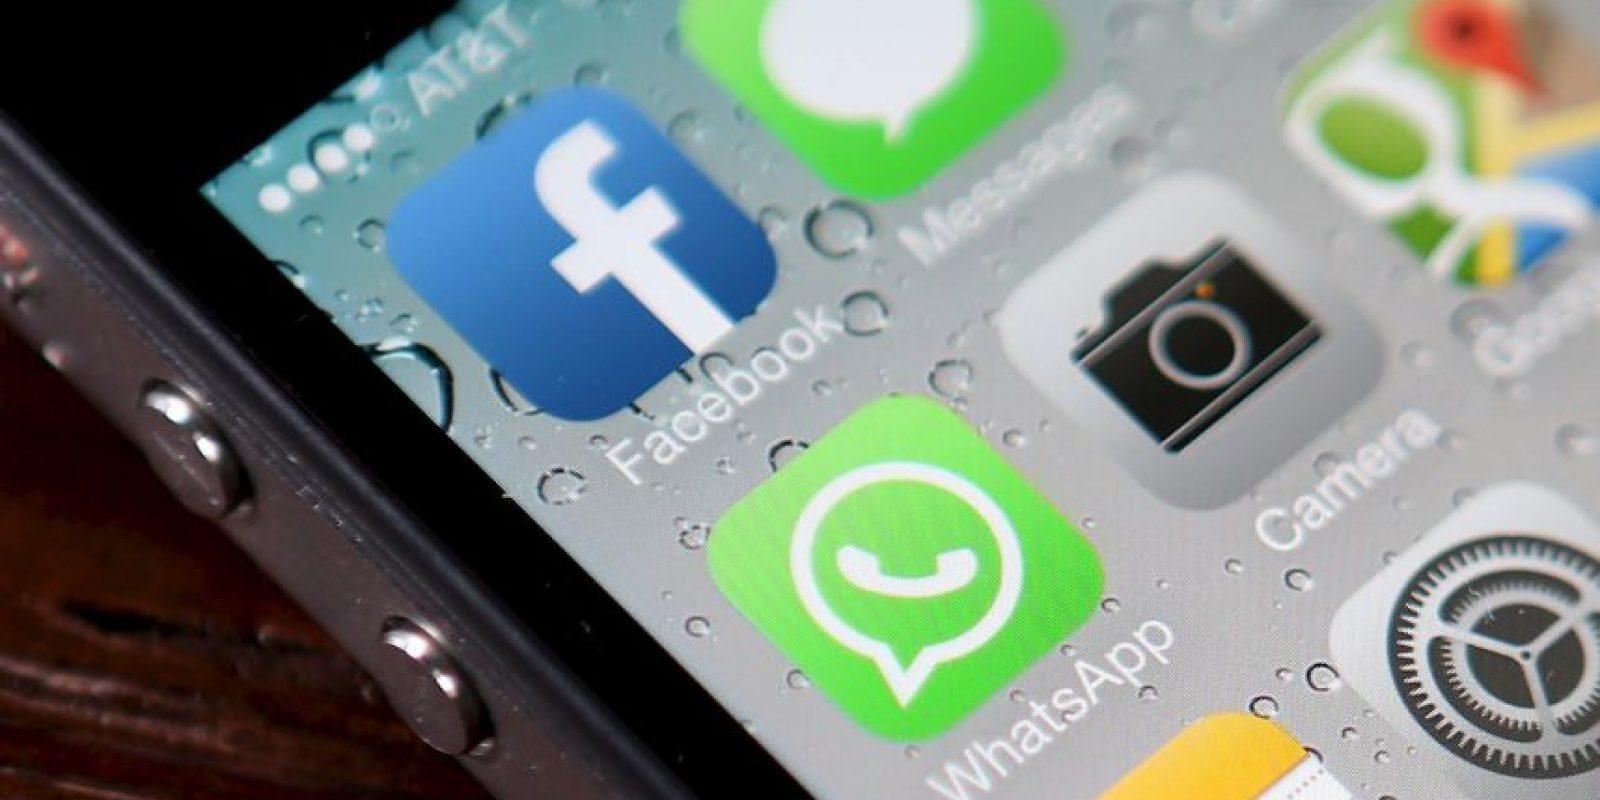 4. Usar la aplicación mientras se maneja. ¿Necesitan algún otro dato? Foto:Getty Images